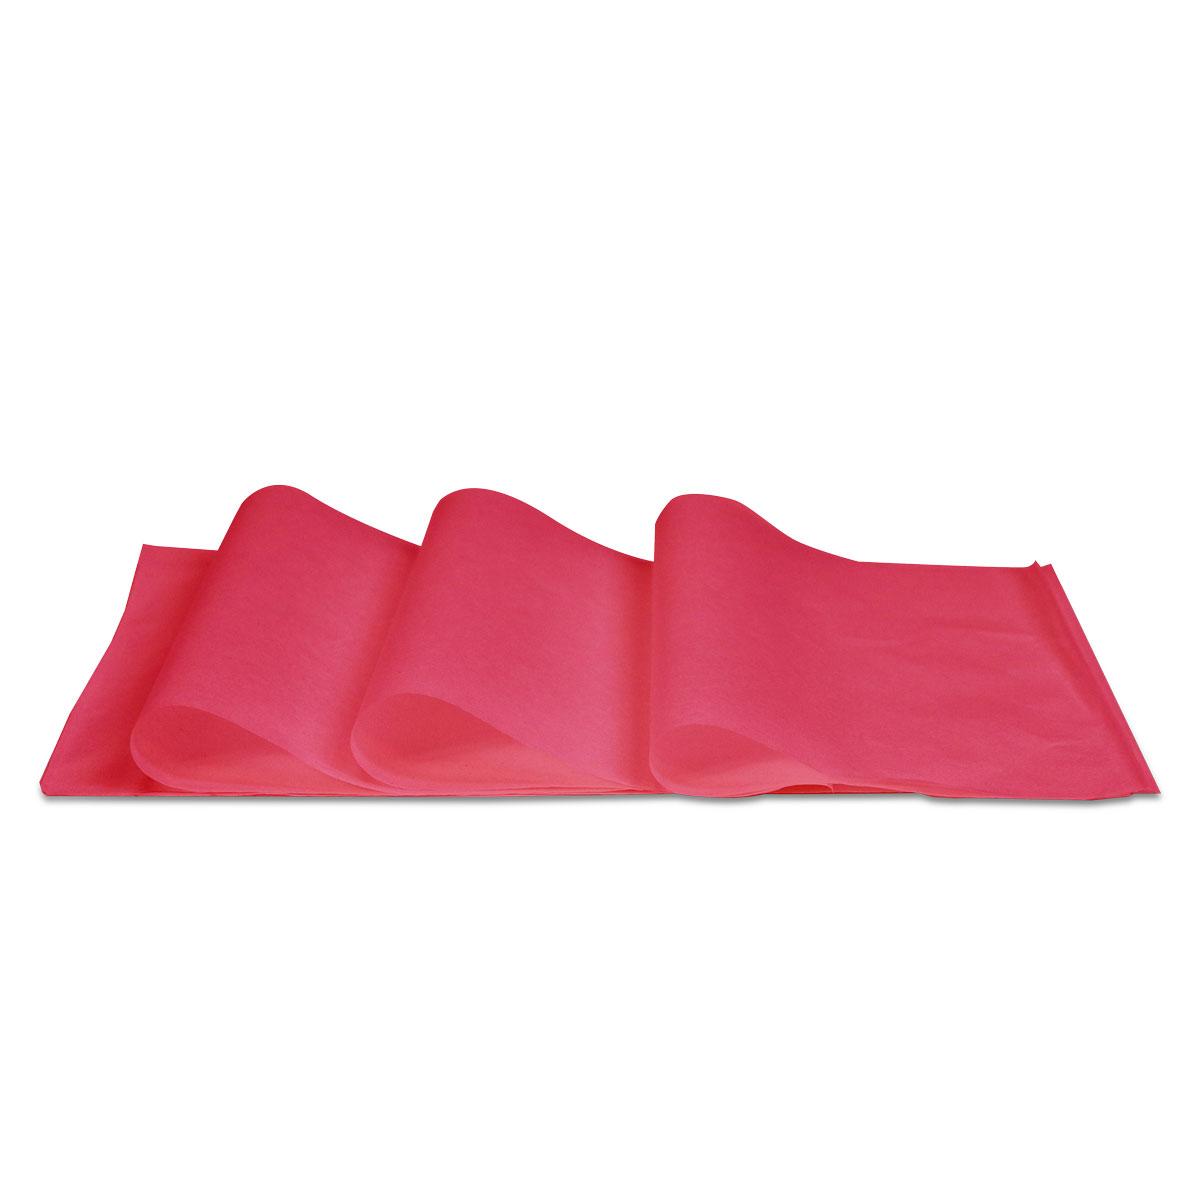 Vloeipapier - Rood